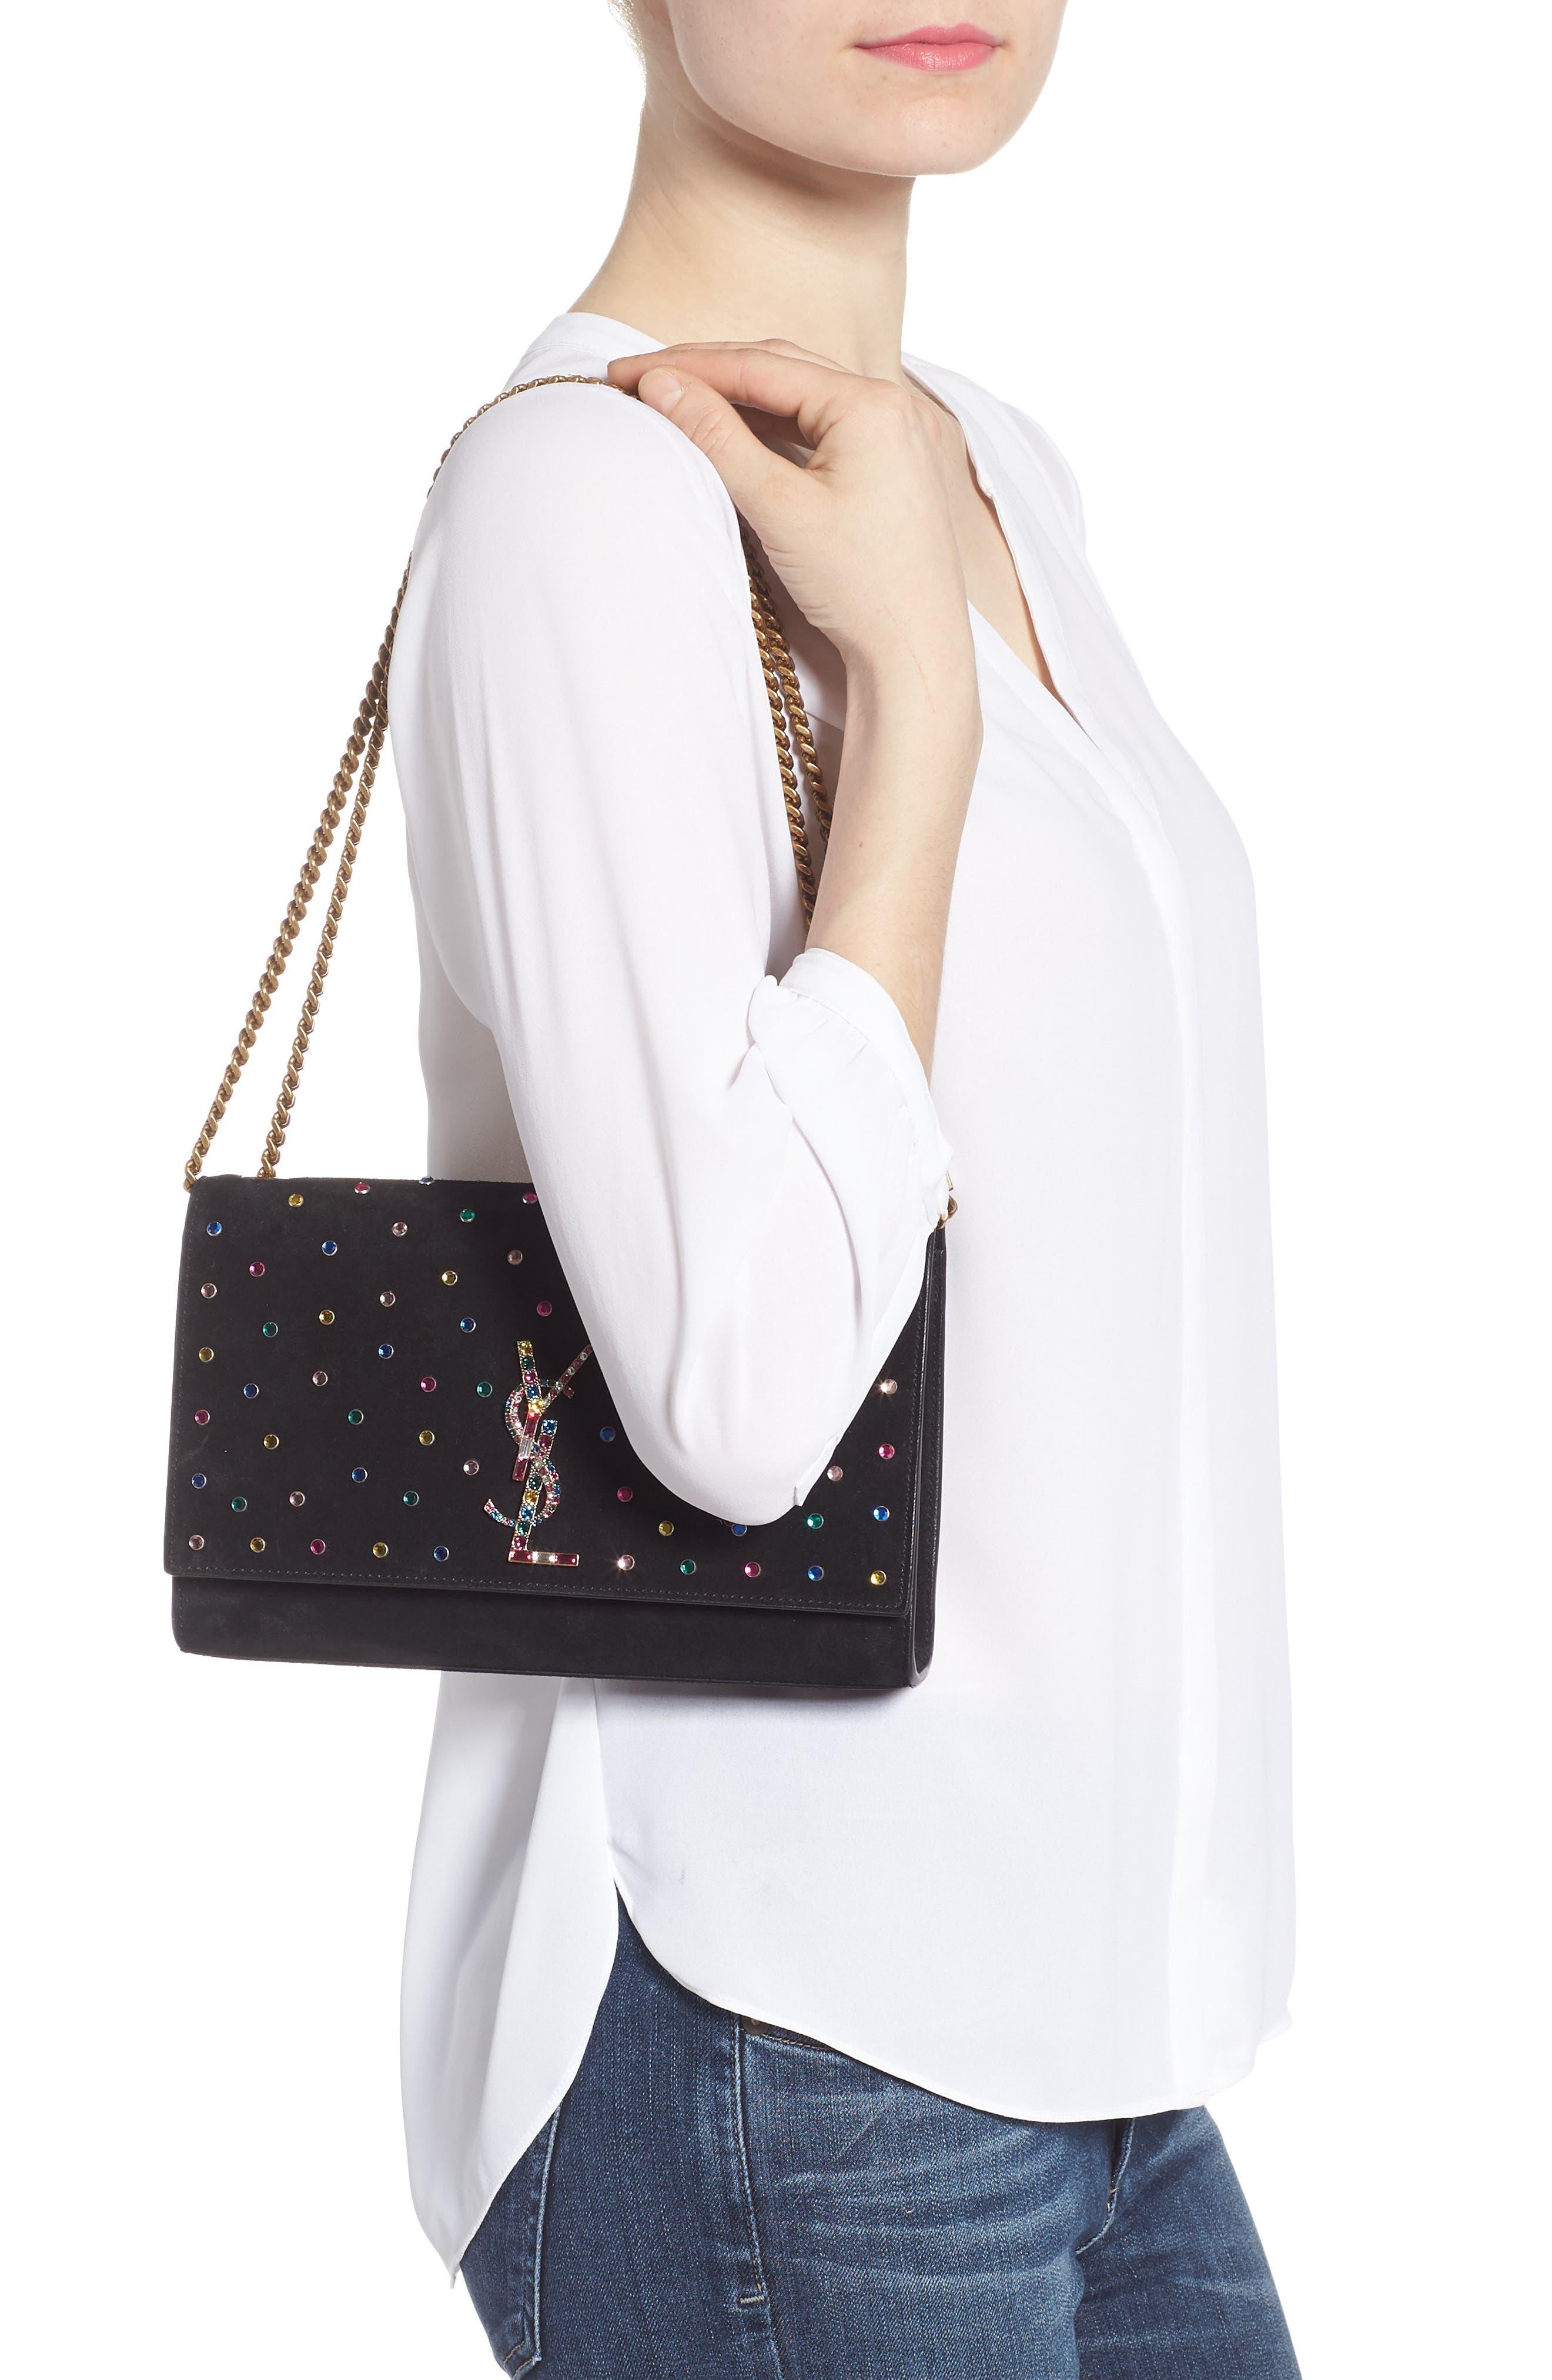 Medium Kate Embellished Suede Shoulder Bag,                             Alternate thumbnail 2, color,                             1077 MULTI